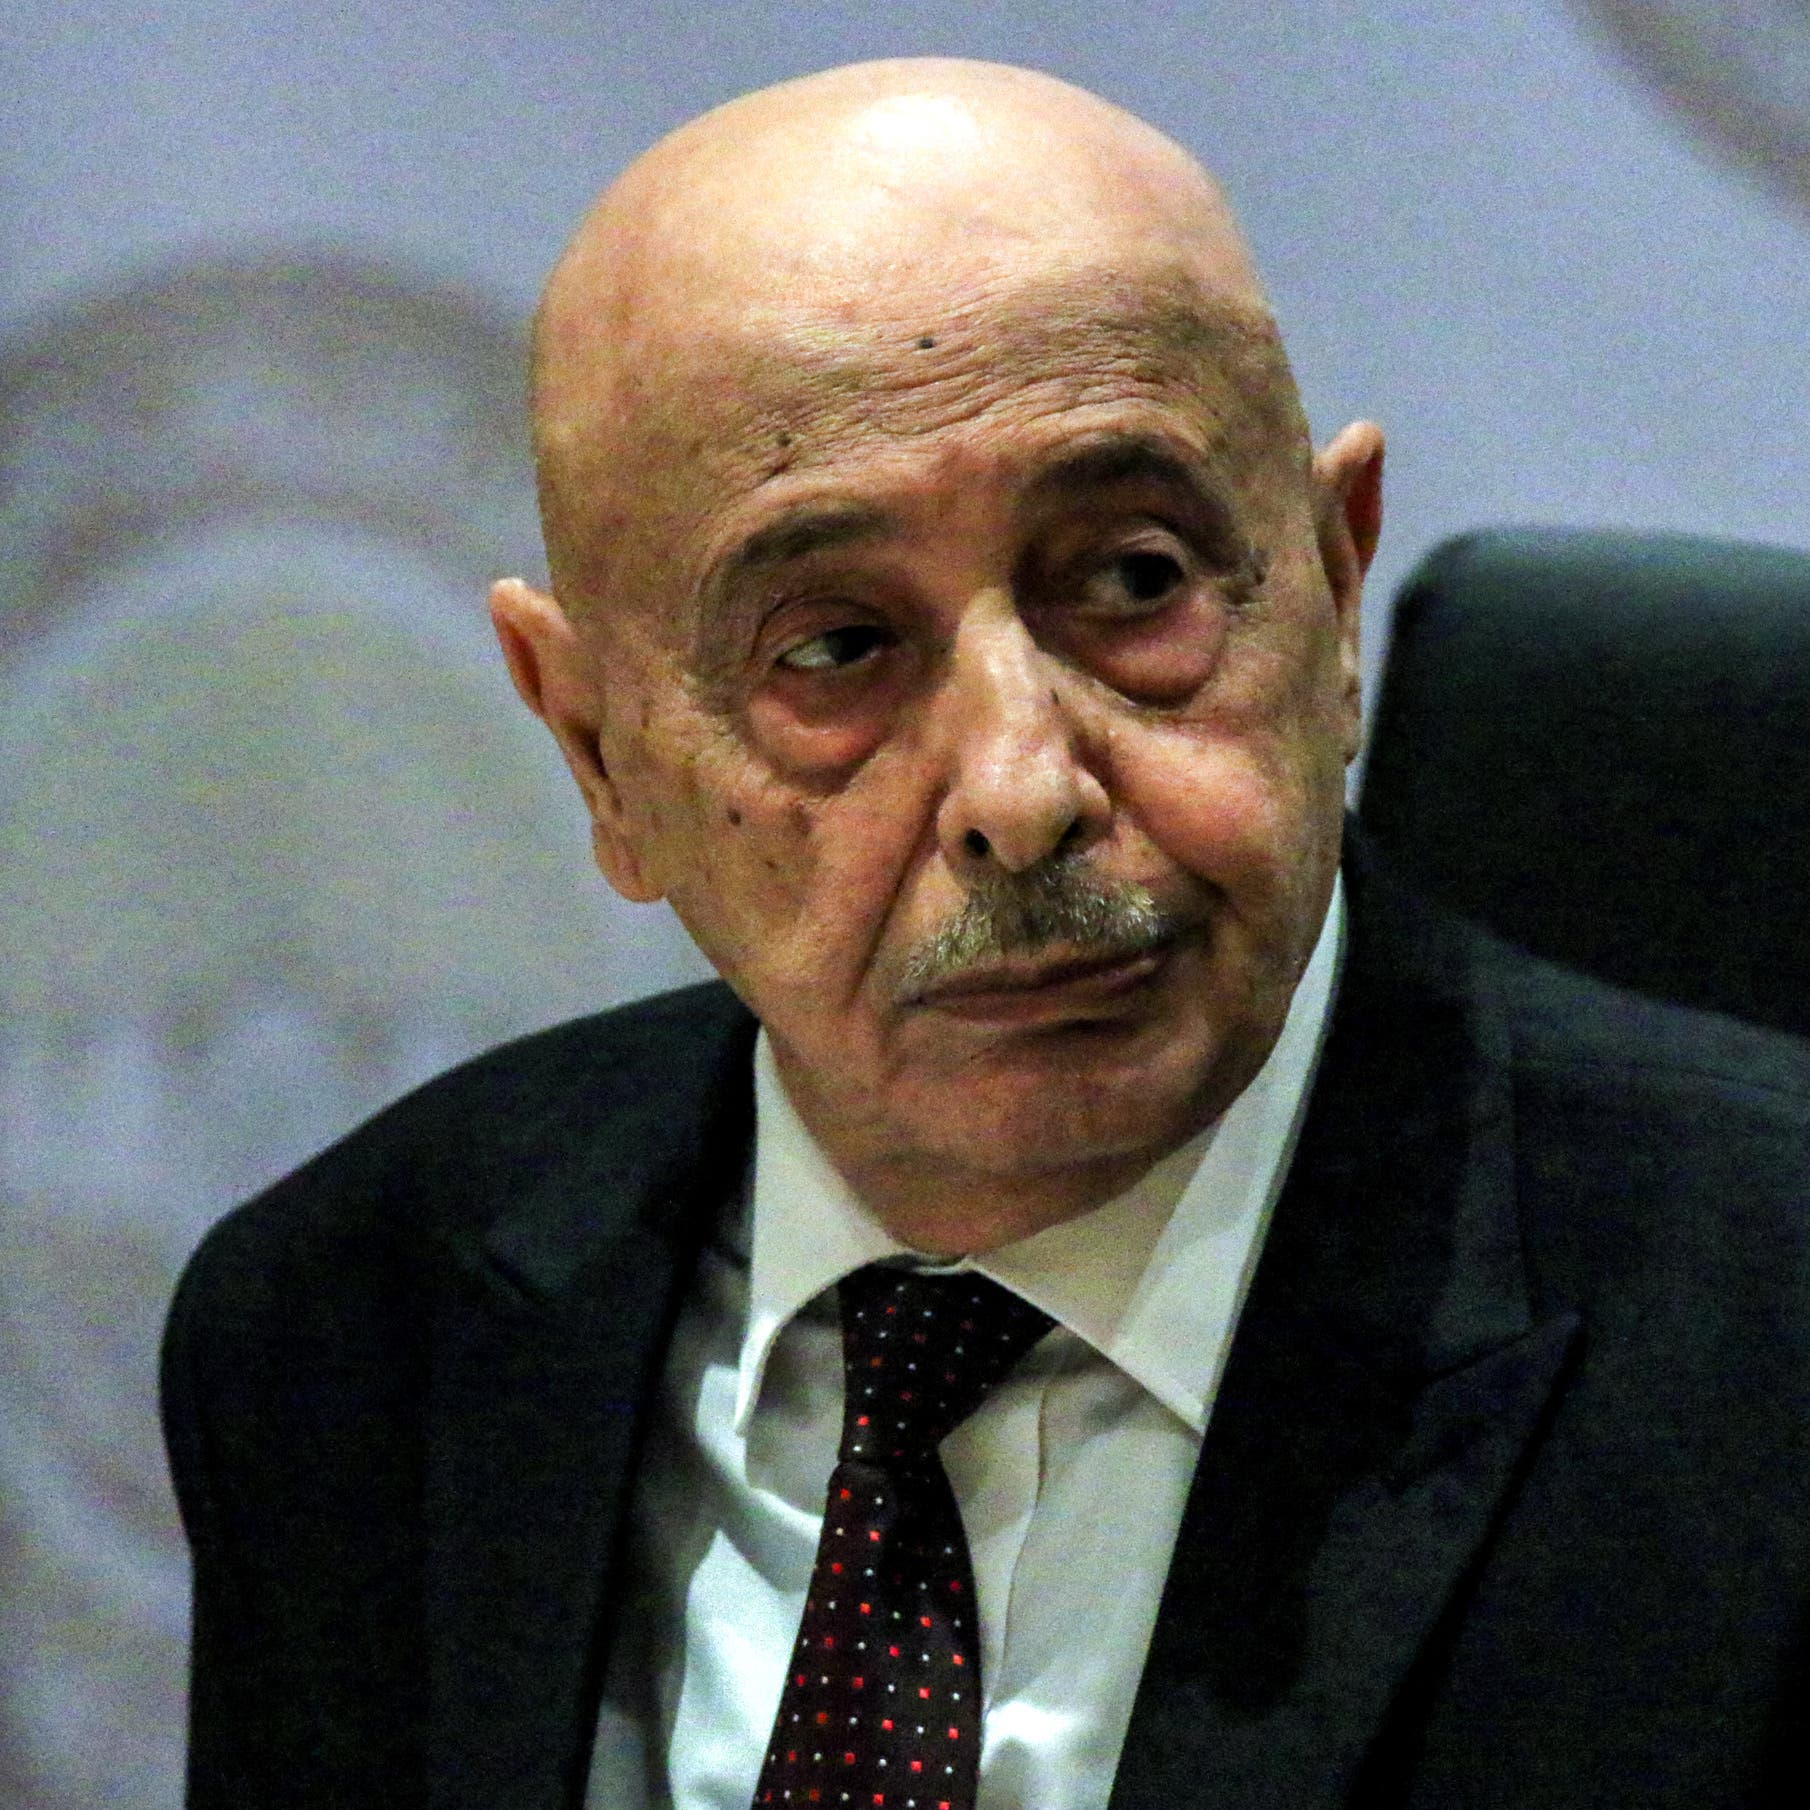 """ليبيا.. صالح في مصر لدعم """"التعاون"""" بين البلدين"""